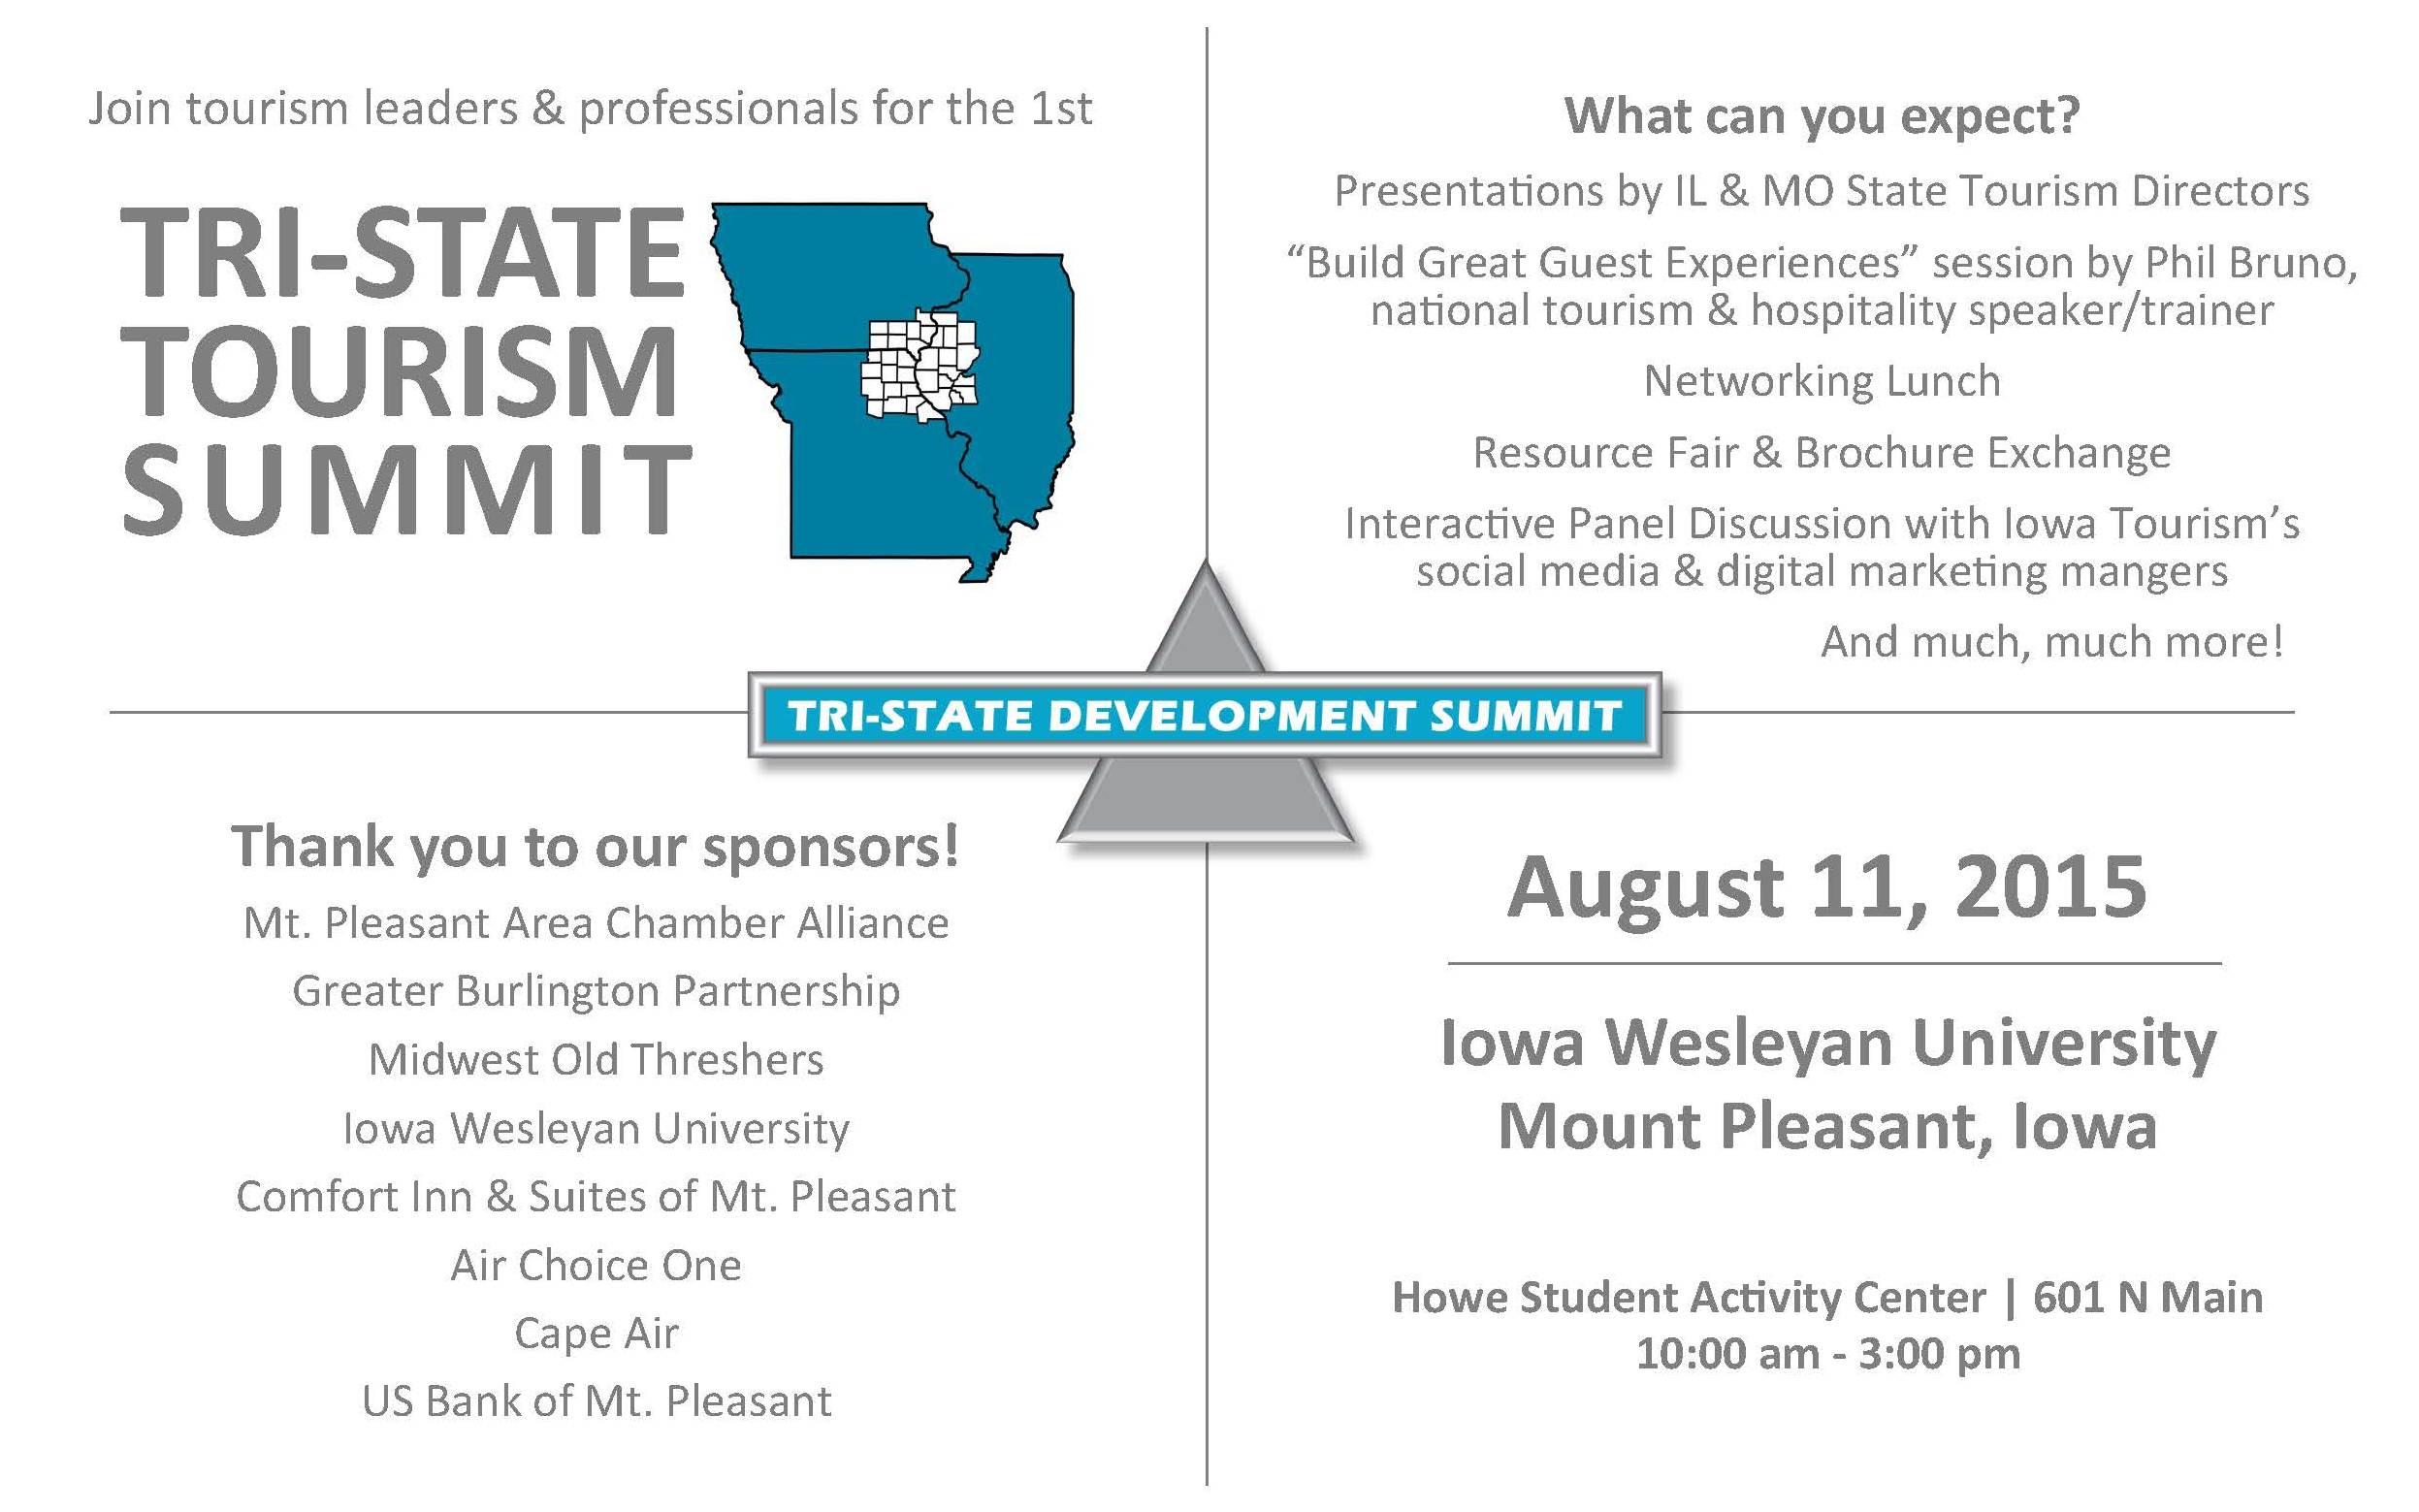 Tri-State Tourism Summit – August 11